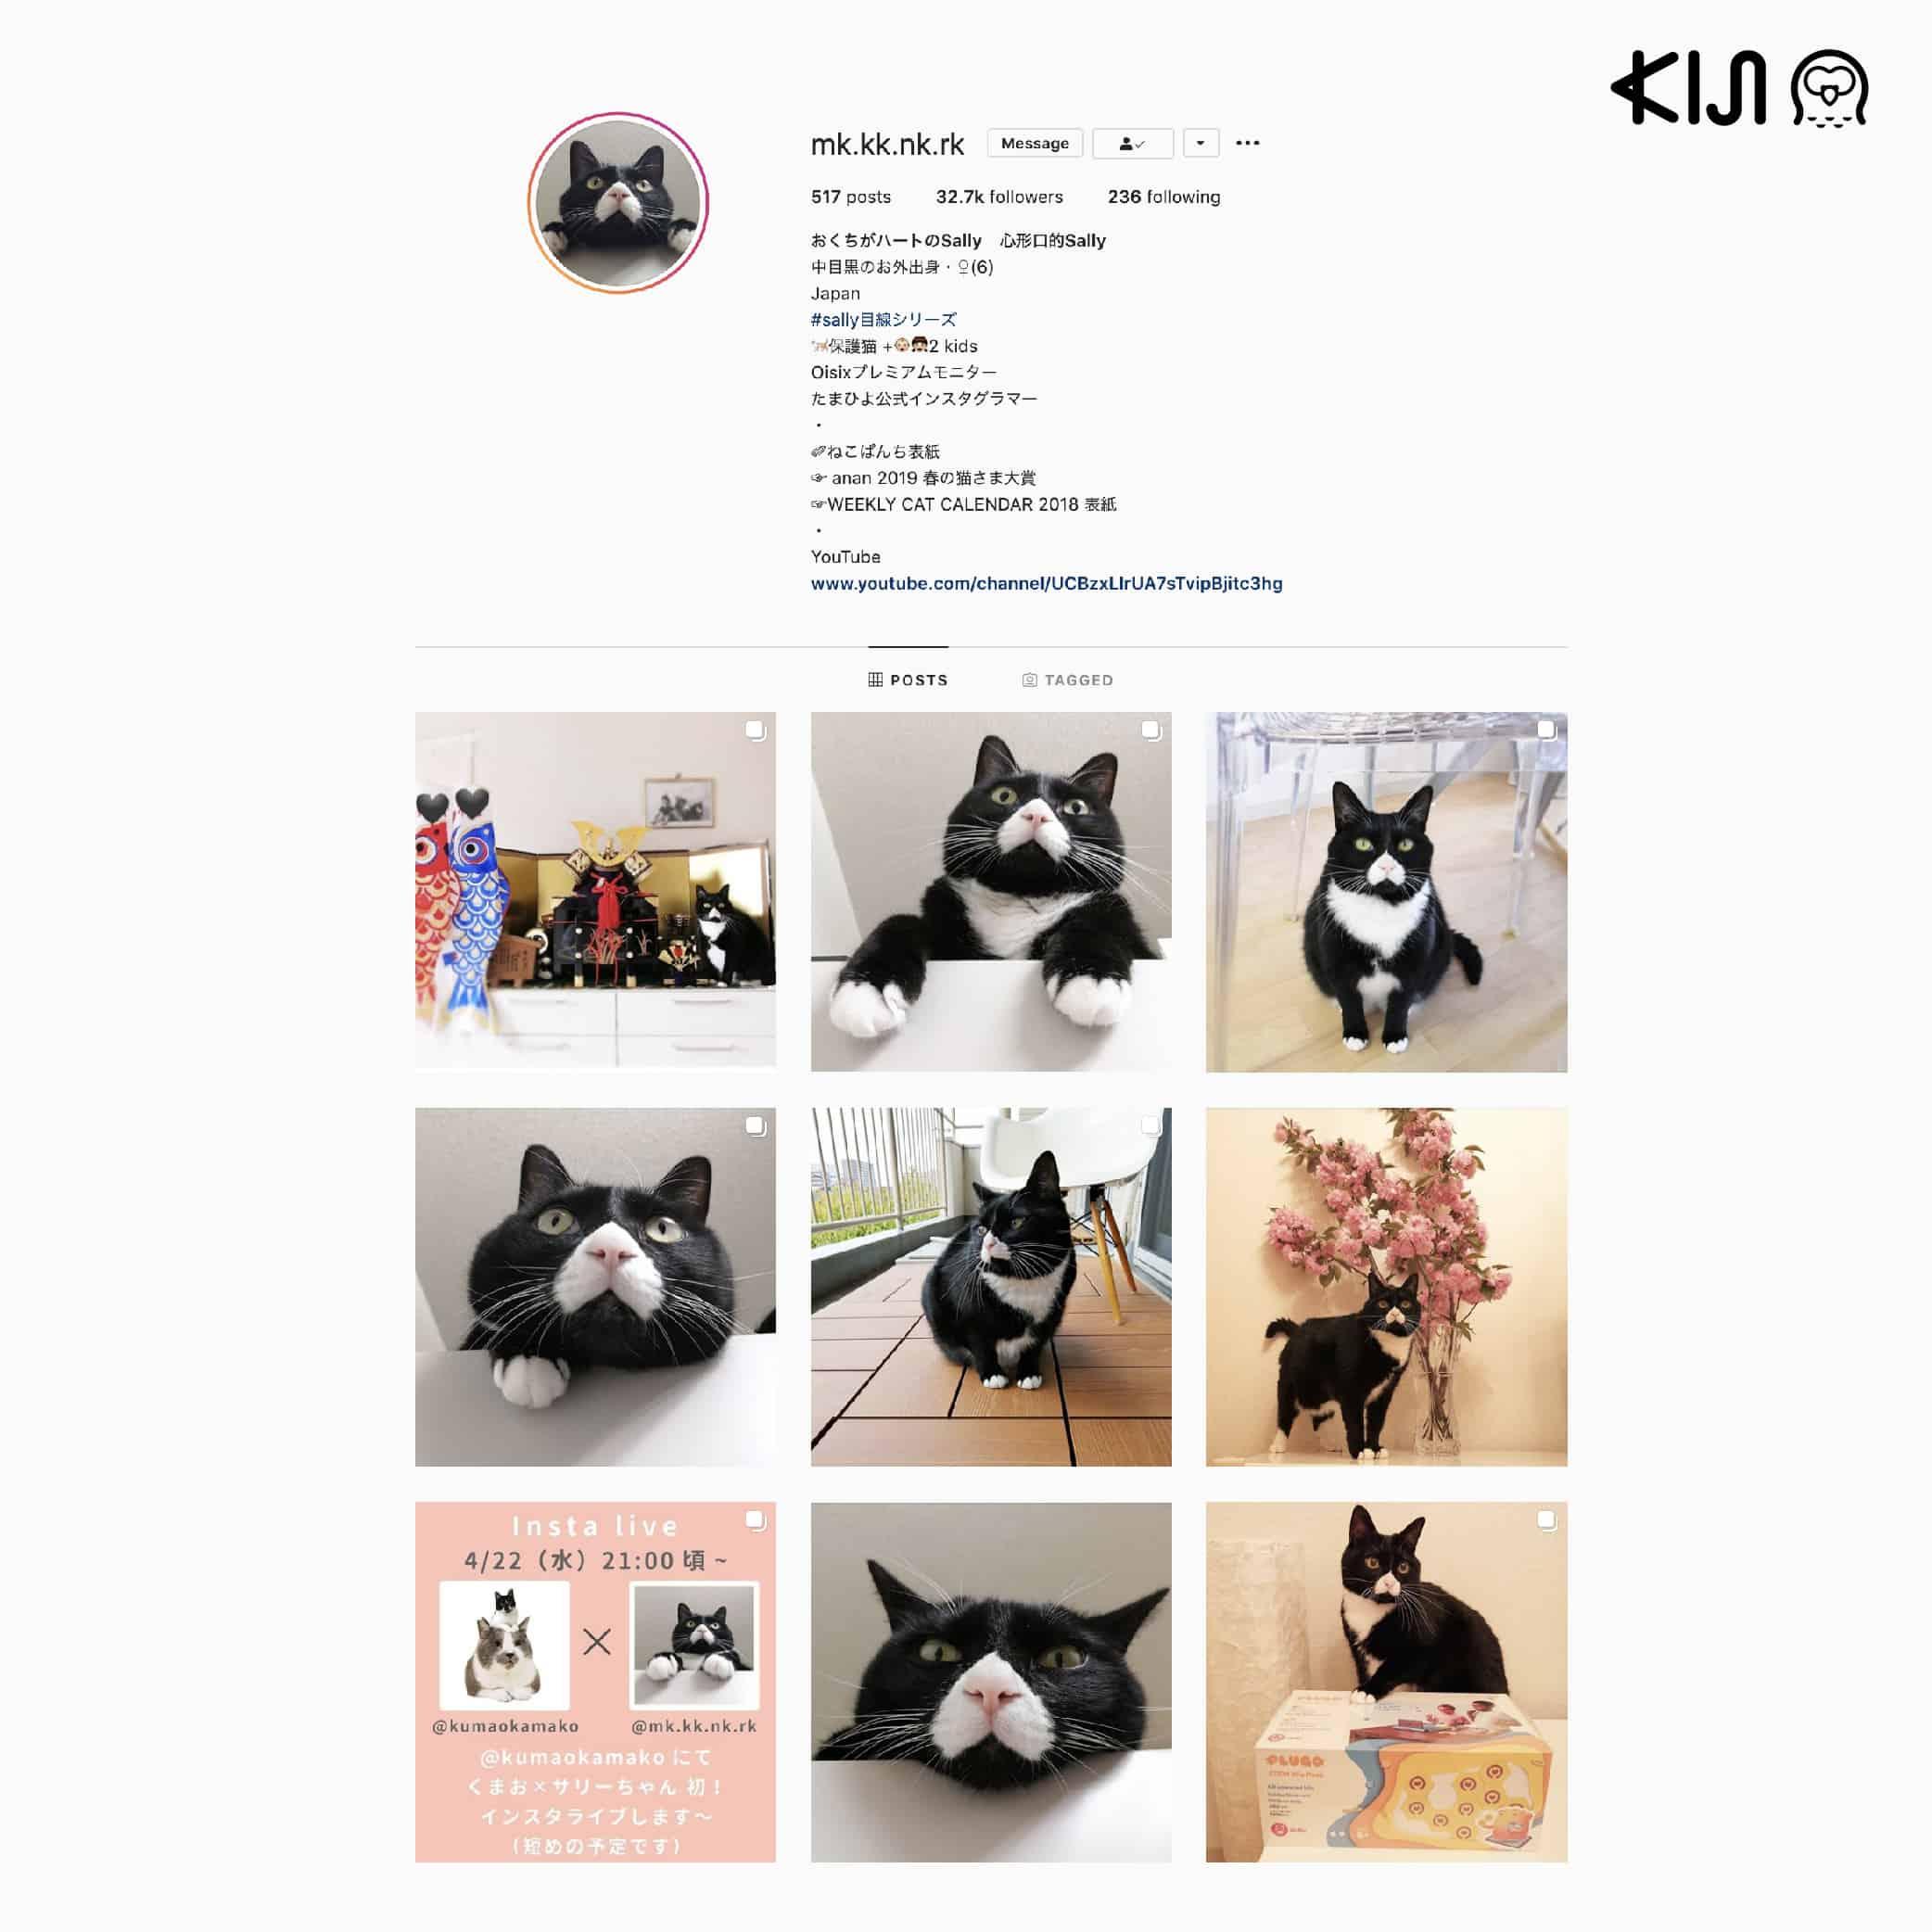 แมวญี่ปุ่น สีดำตัวดังที่มีจุดเด่นคือจมูกสีขาวรูปหัวใจคว่ำ